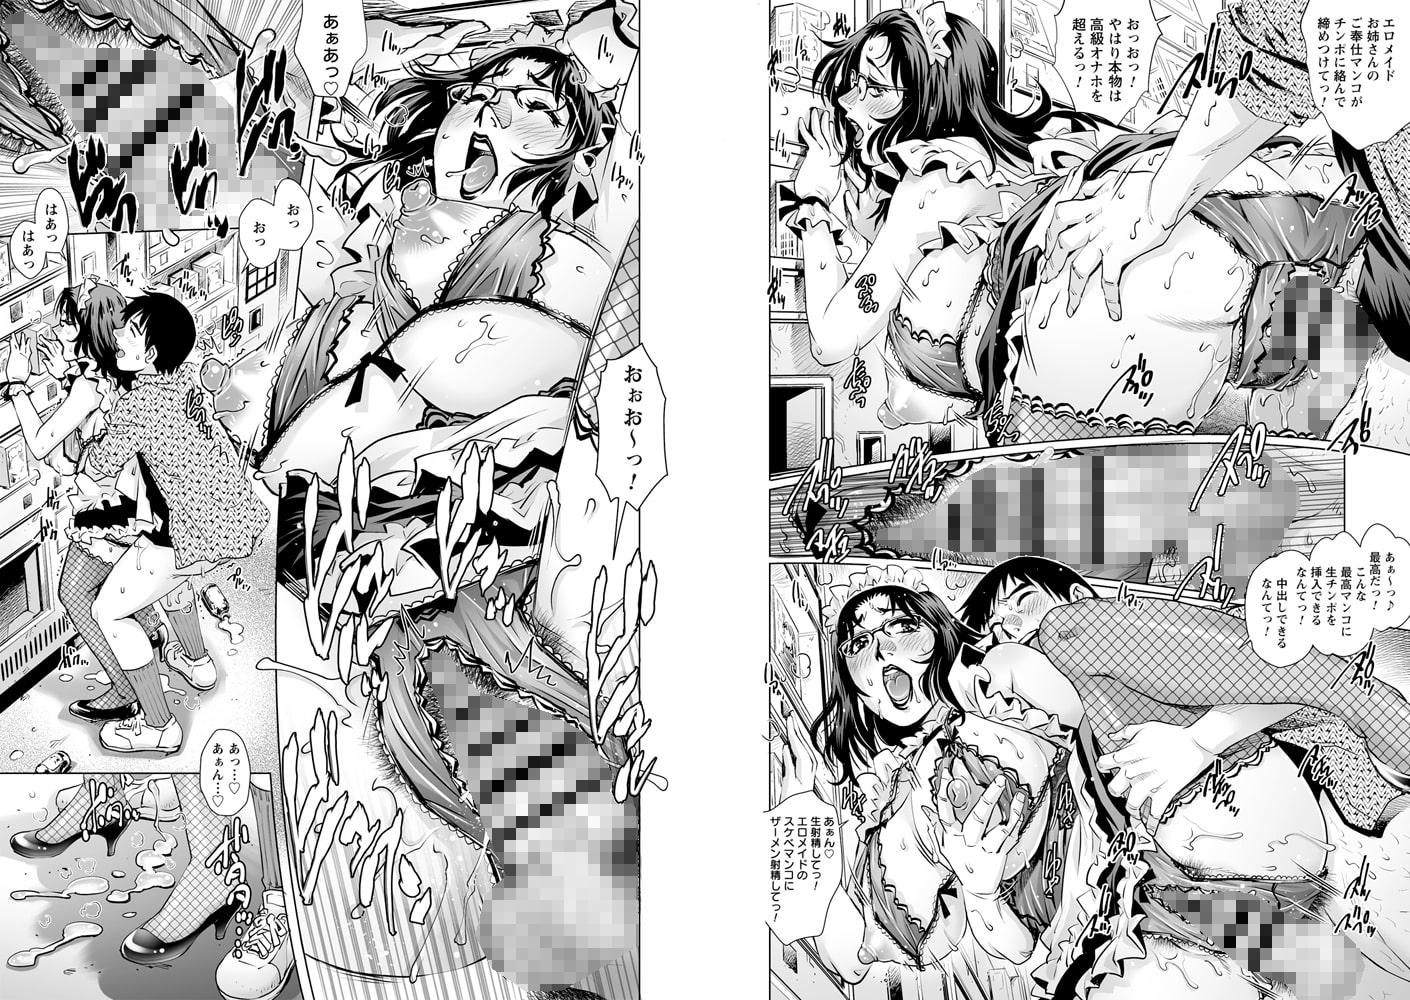 ゲス熟女の最高にド下品なセックス vol.1